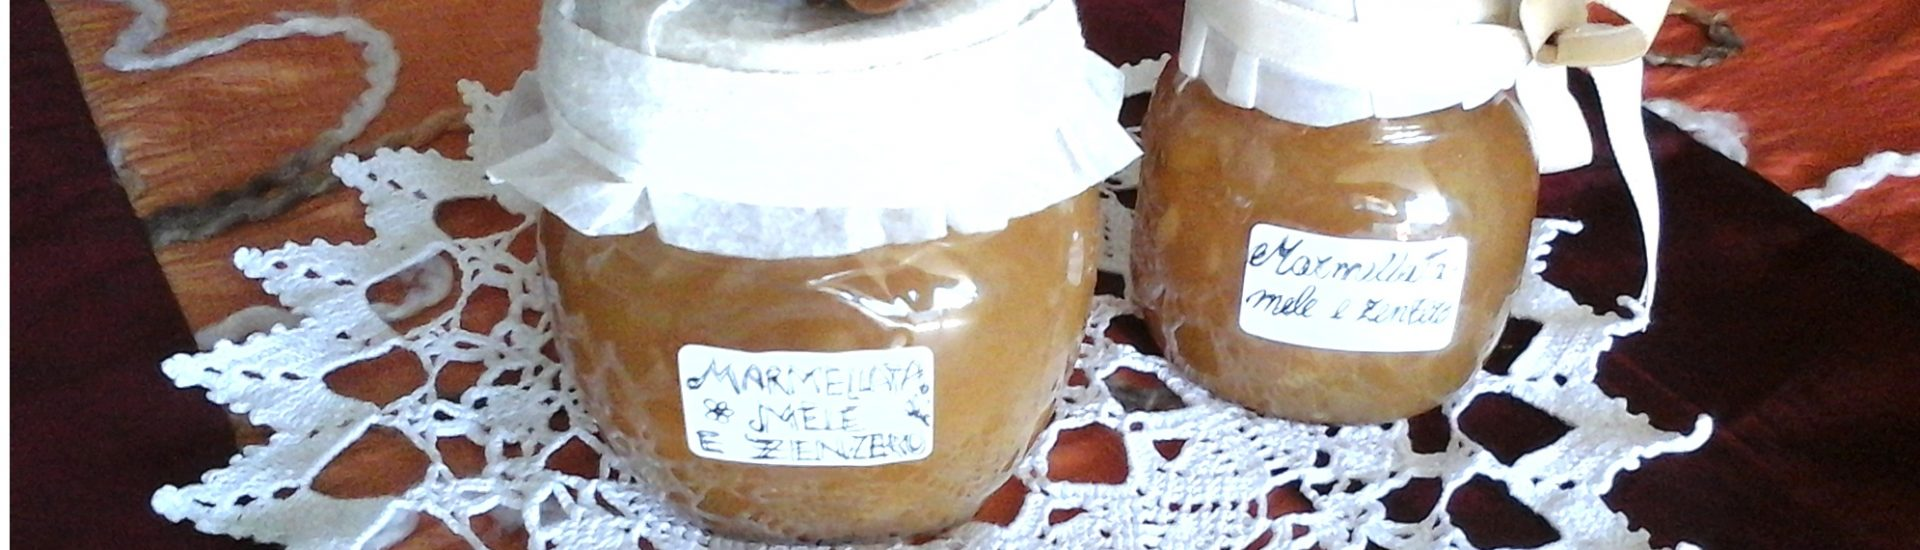 Marmellata di mele e zenzero